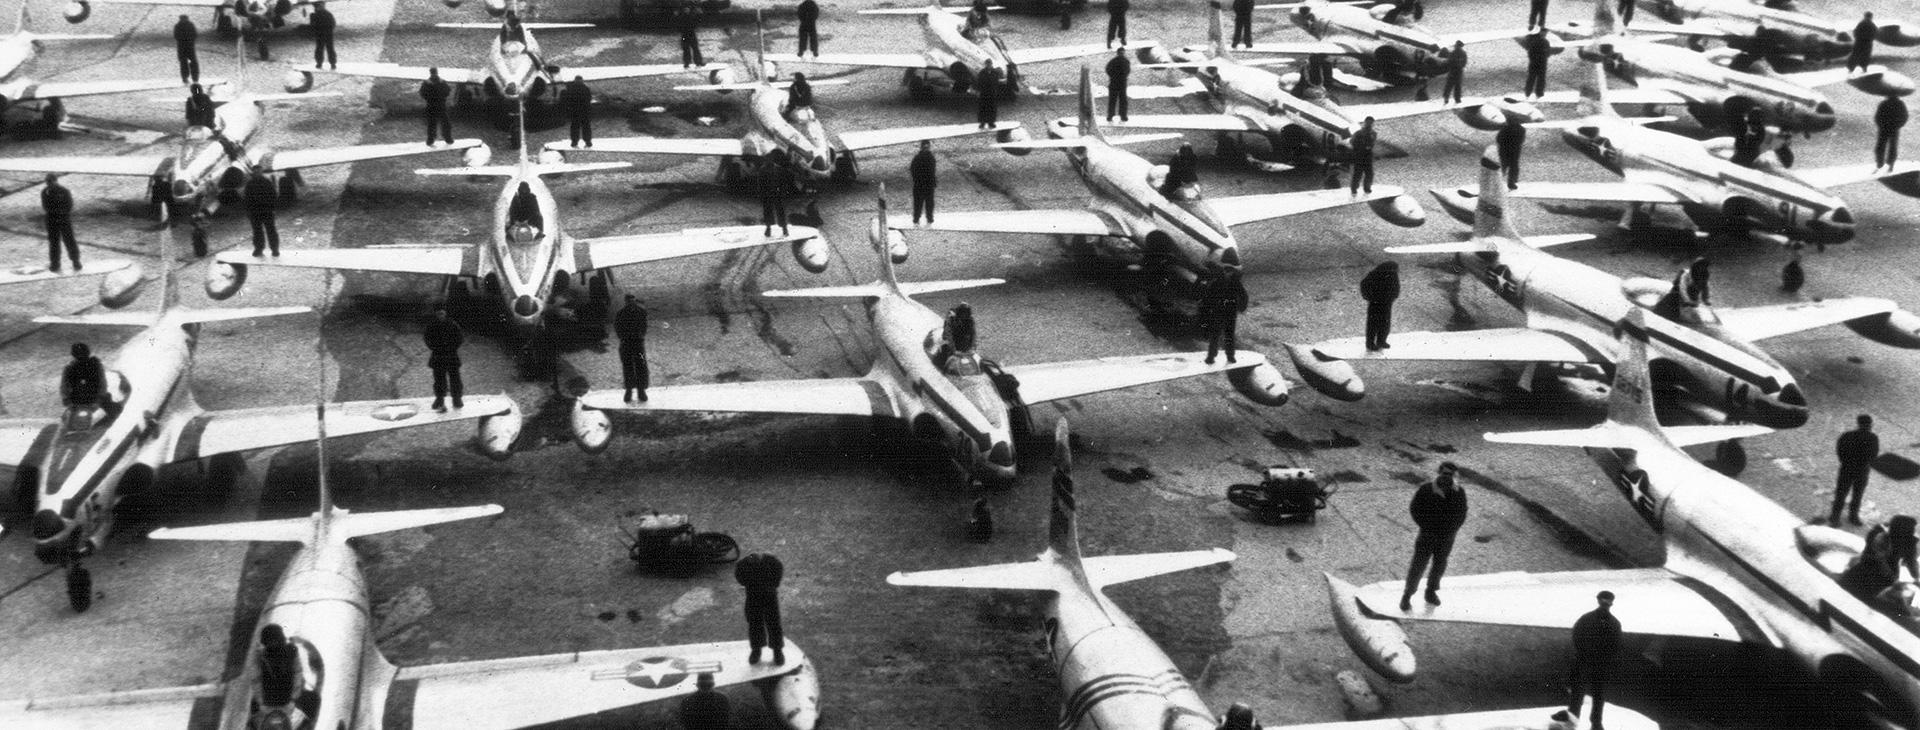 US Air Force Flugzeuge 1950 Fliegerhrost Fürstenfeldbruck